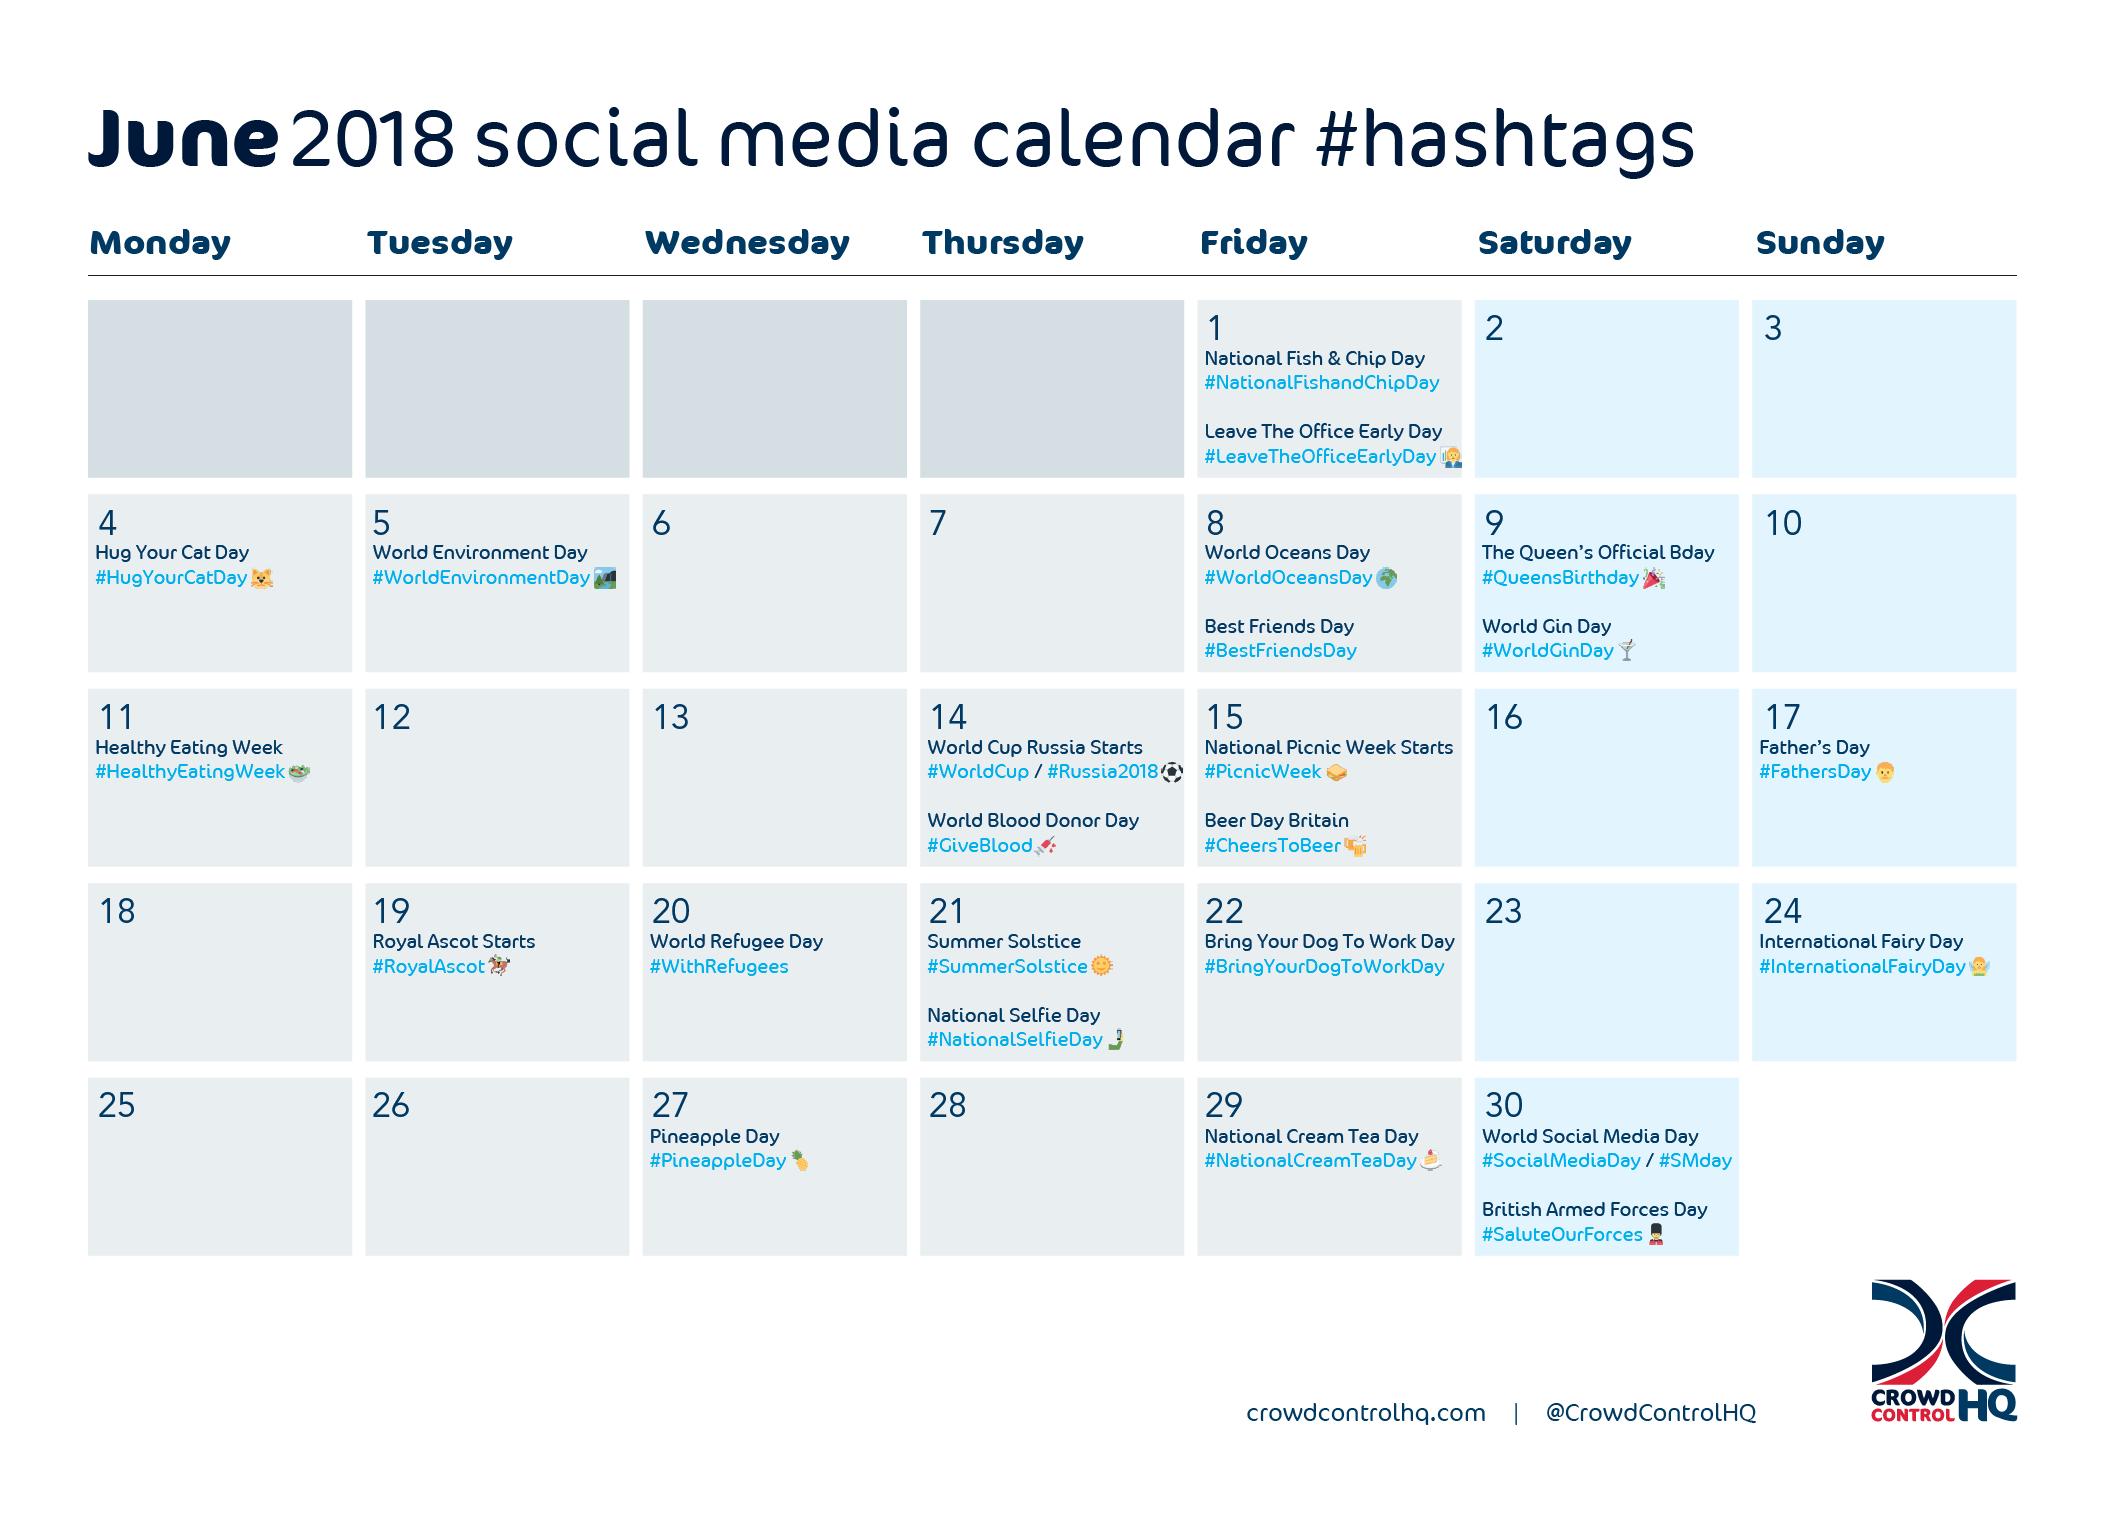 June 2018 Social Media Calendar